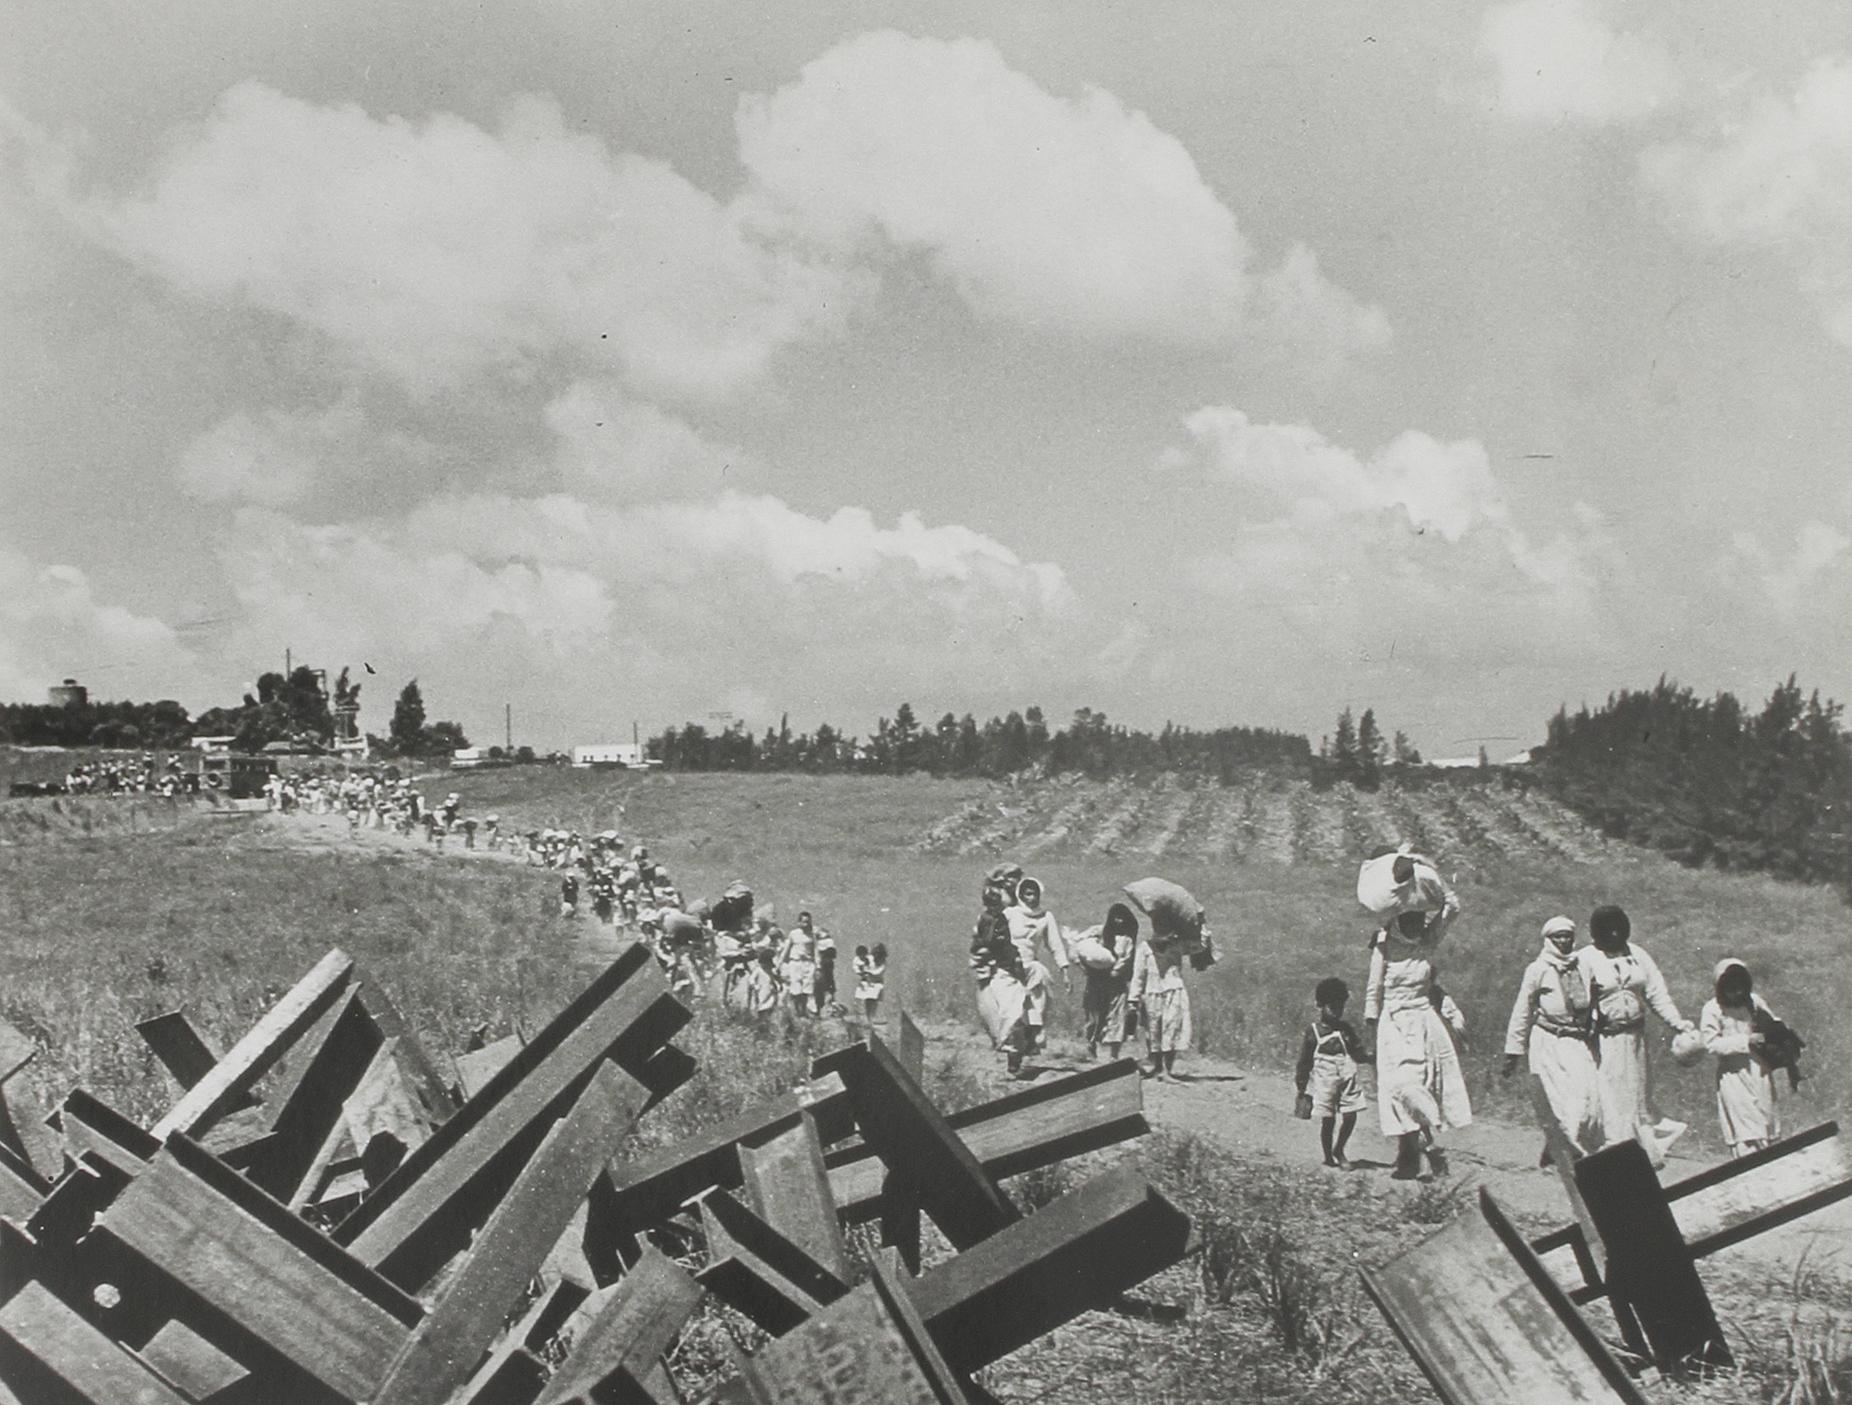 1948. Палестинские беженцы. Роберт Капа